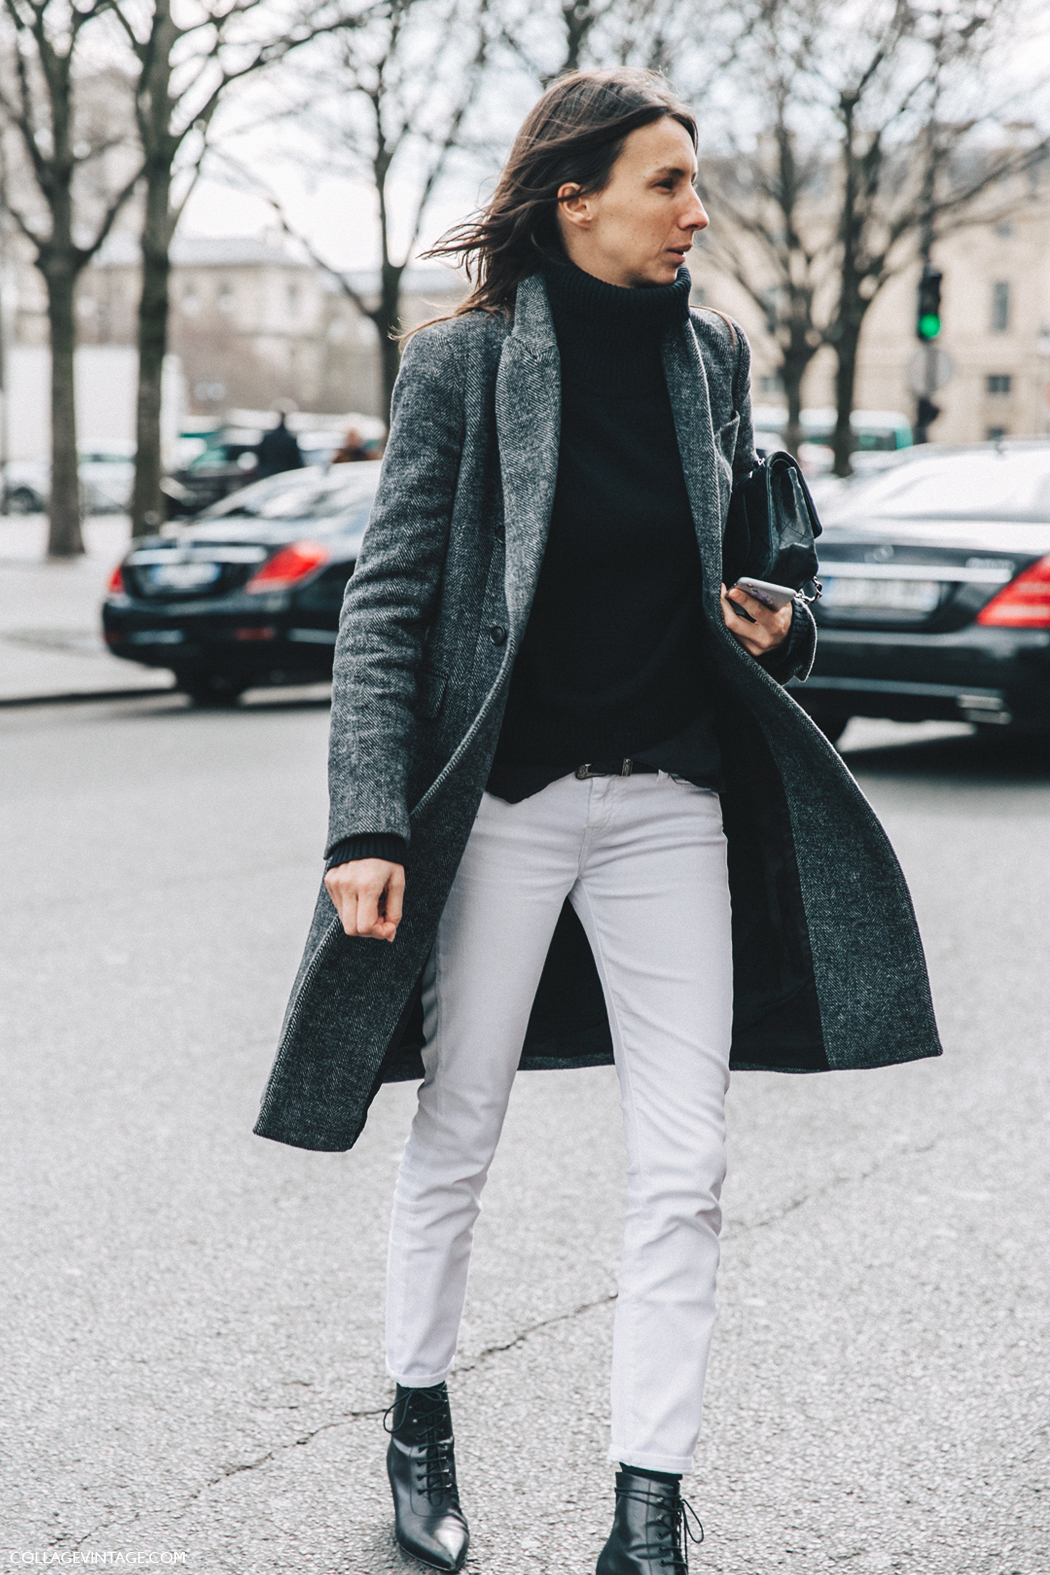 PFW-Paris_Fashion_Week_Fall_2016-Street_Style-Collage_Vintage-Geraldine_Saglio-1